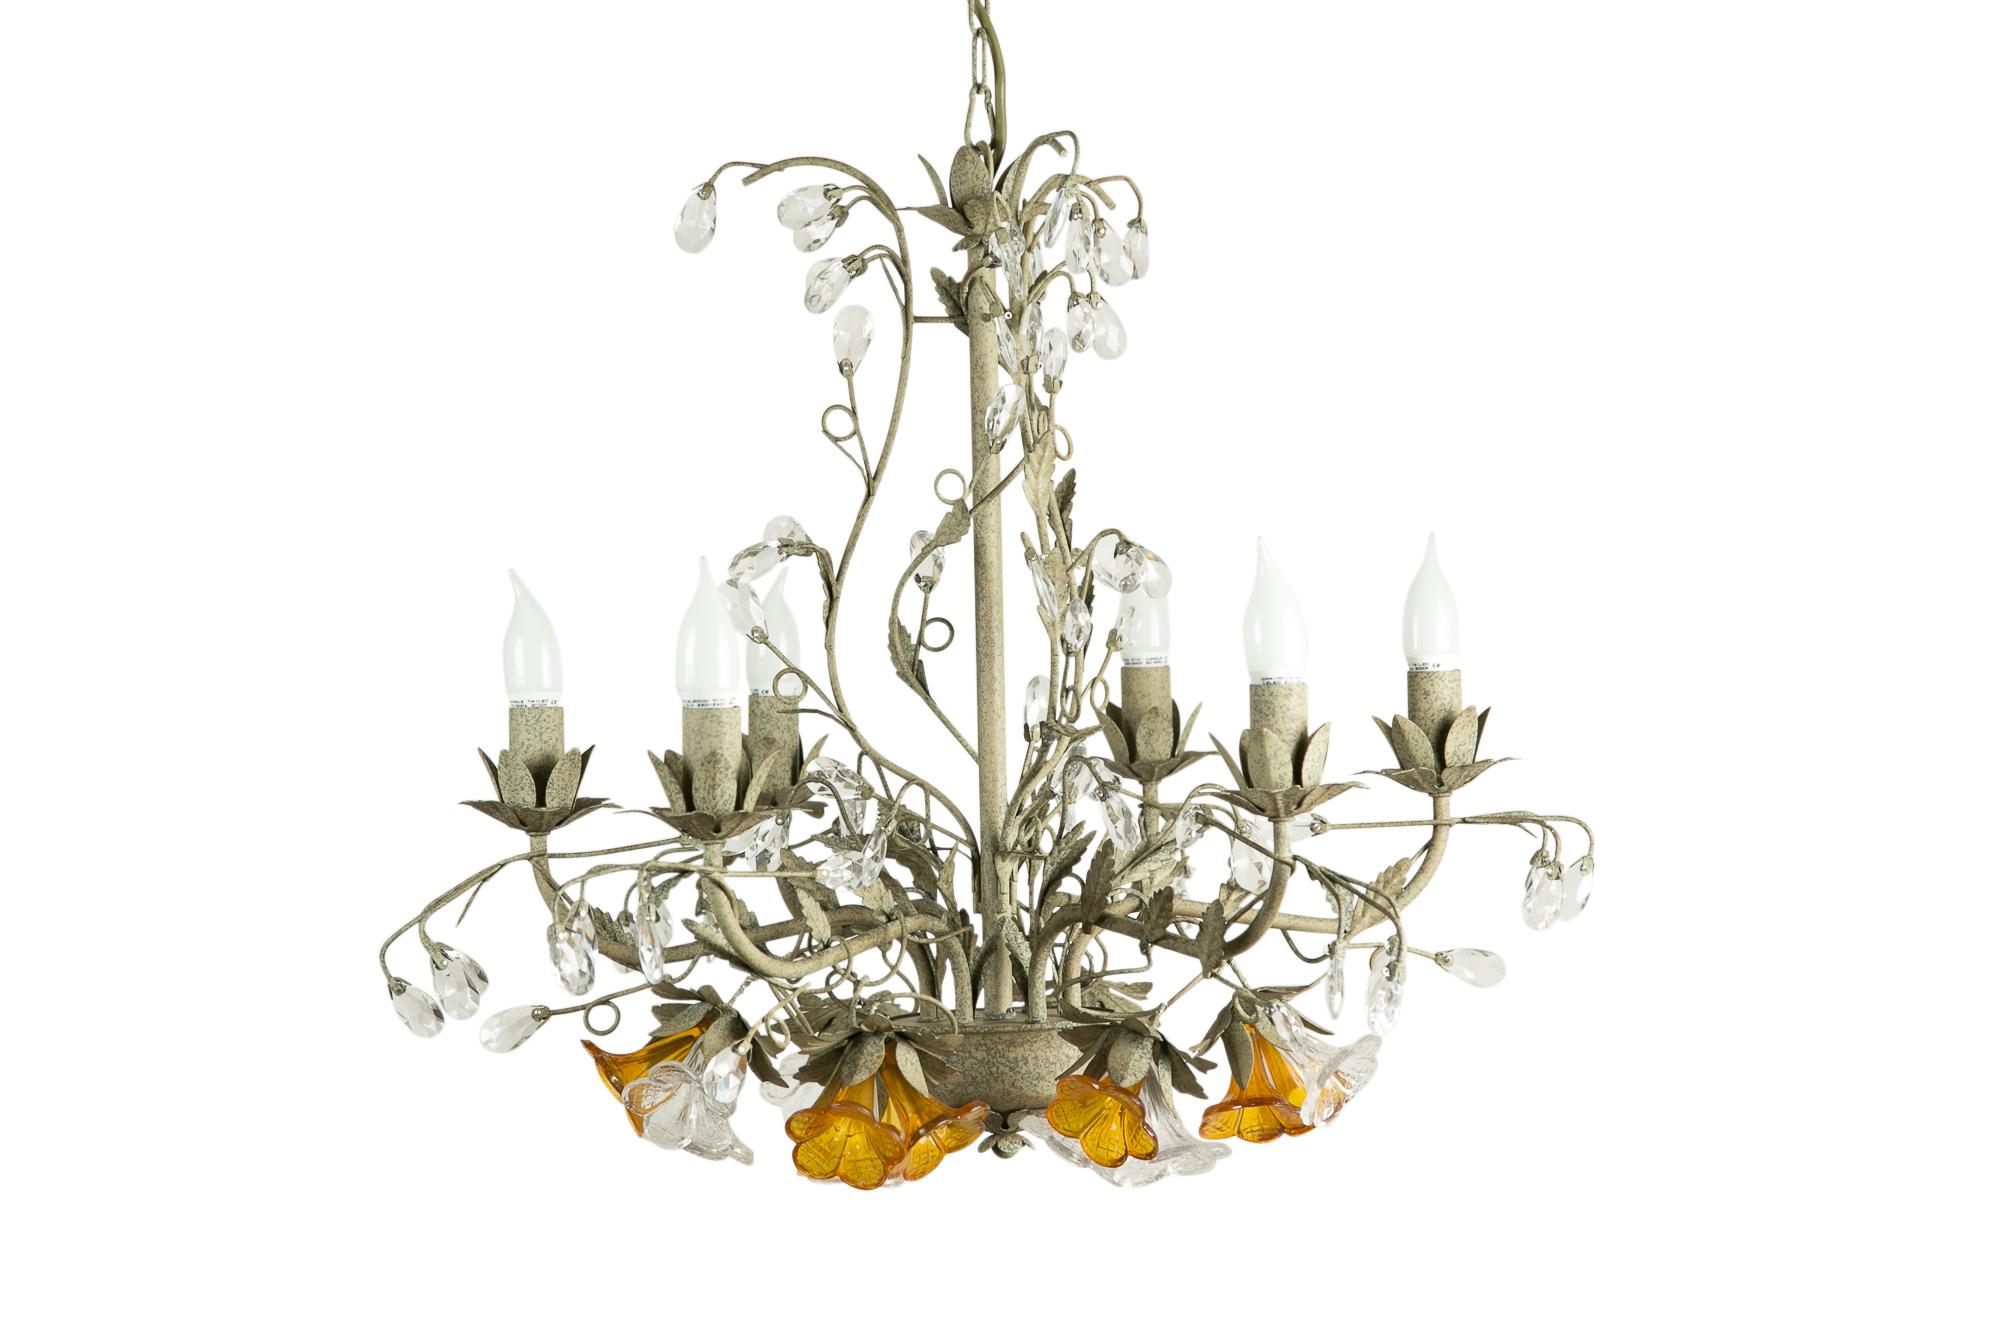 ЛюстраЛюстры подвесные<br>&amp;lt;div&amp;gt;Люстра от Deco-Home ? настоящее произведение искусства, на создание которого человека вдохновила безграничная красота природы. По виду она напоминает куст цветов, который распустился с приходом весны. Сами лампочки находятся в будто раскрывшихся навстречу солнцу бутонах. Люстра идеально подходит для романтичной спальни или кухни в стиле прованс.&amp;lt;/div&amp;gt;&amp;lt;div&amp;gt;&amp;lt;br&amp;gt;&amp;lt;/div&amp;gt;&amp;lt;div&amp;gt;Вид цоколя: E14&amp;lt;/div&amp;gt;&amp;lt;div&amp;gt;Мощность: 40W&amp;lt;/div&amp;gt;&amp;lt;div&amp;gt;Количество ламп: 6 (нет в комплекте)&amp;lt;/div&amp;gt;<br><br>Material: Металл<br>Length см: 72<br>Width см: 72<br>Height см: 58